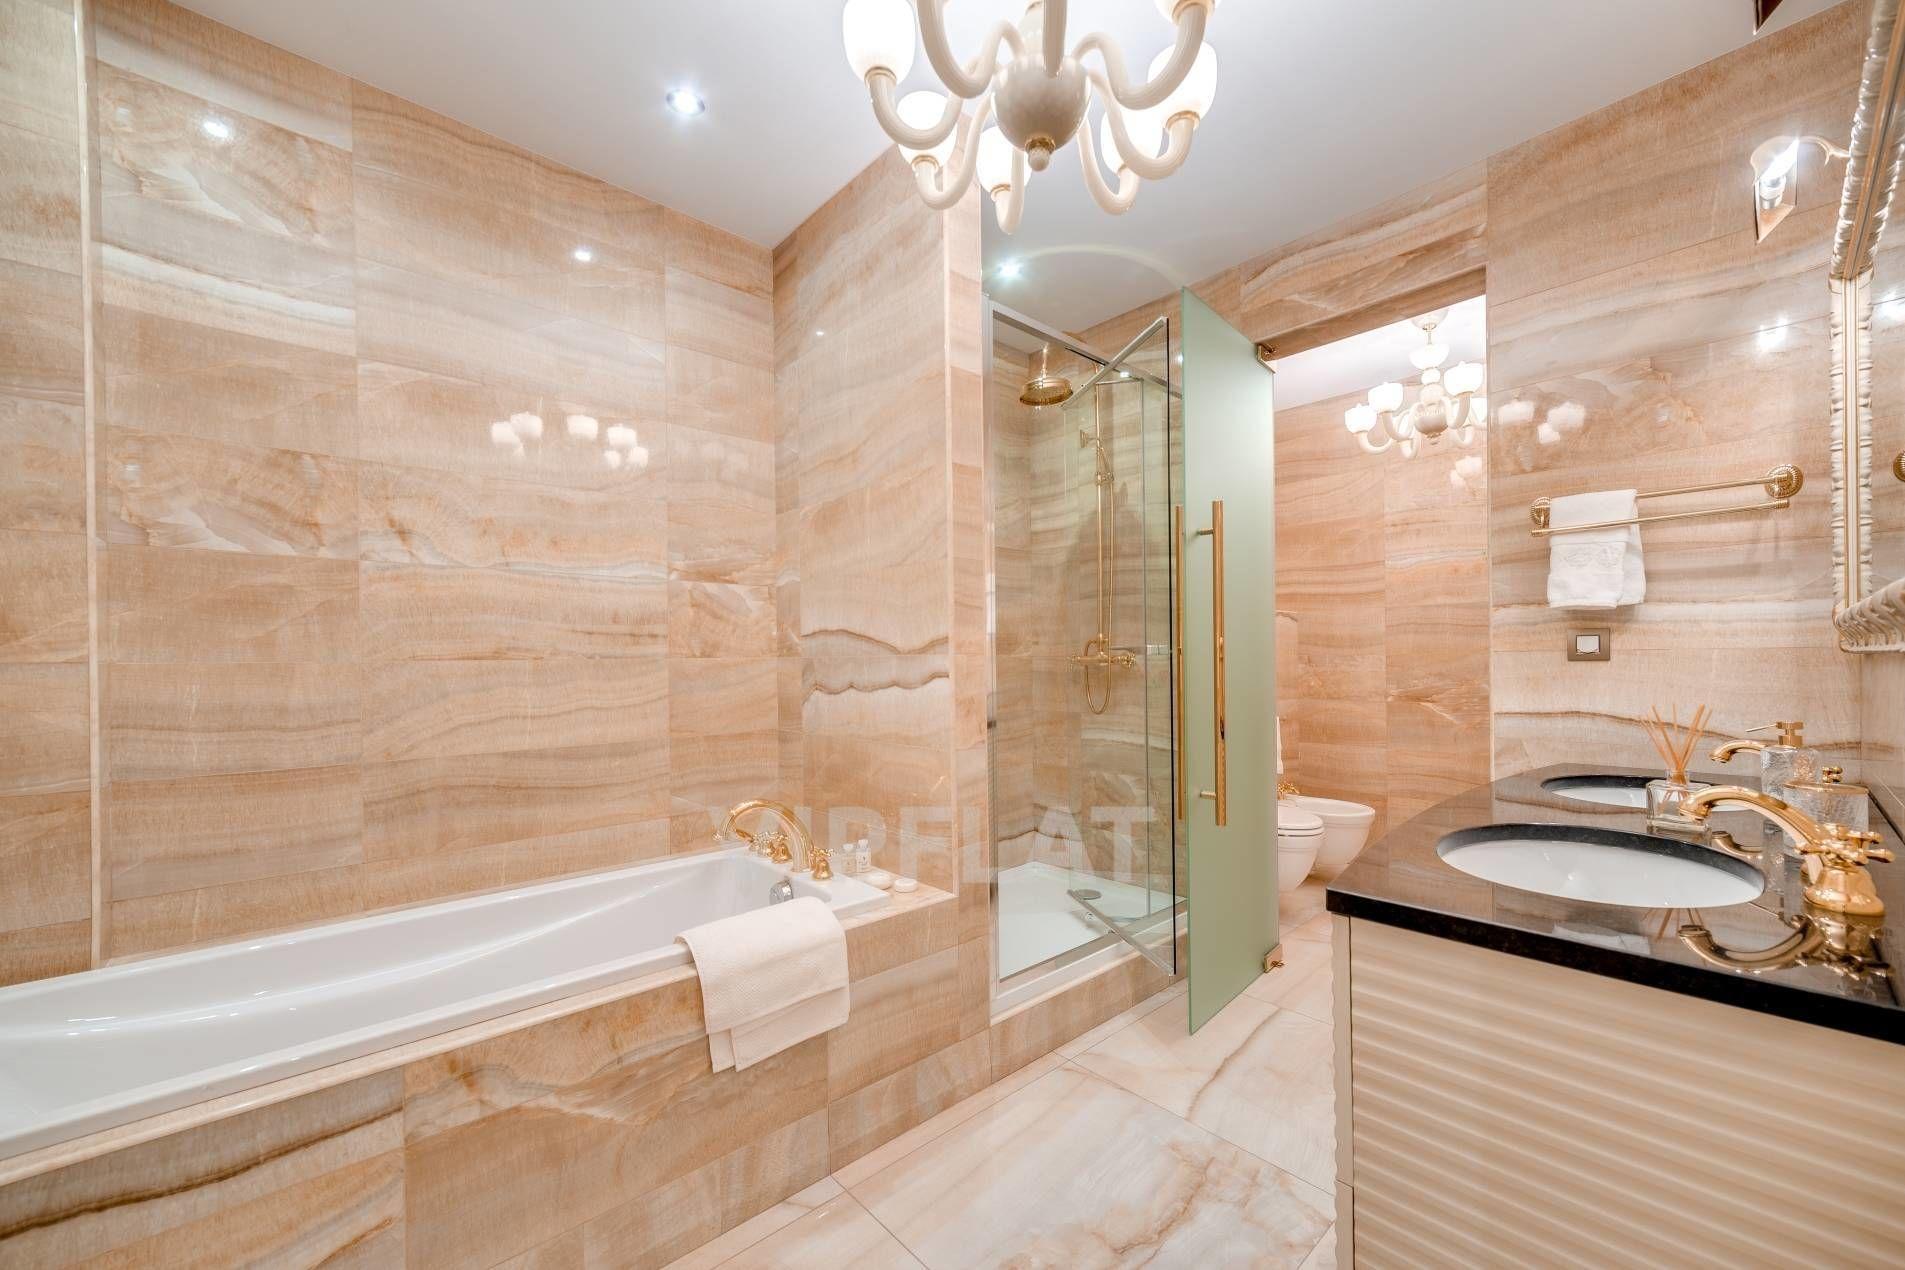 Продажа элитных квартир Санкт-Петербурга. Фонтанки наб., 76, лит. А Натуральный камень в отделке ванной комнаты